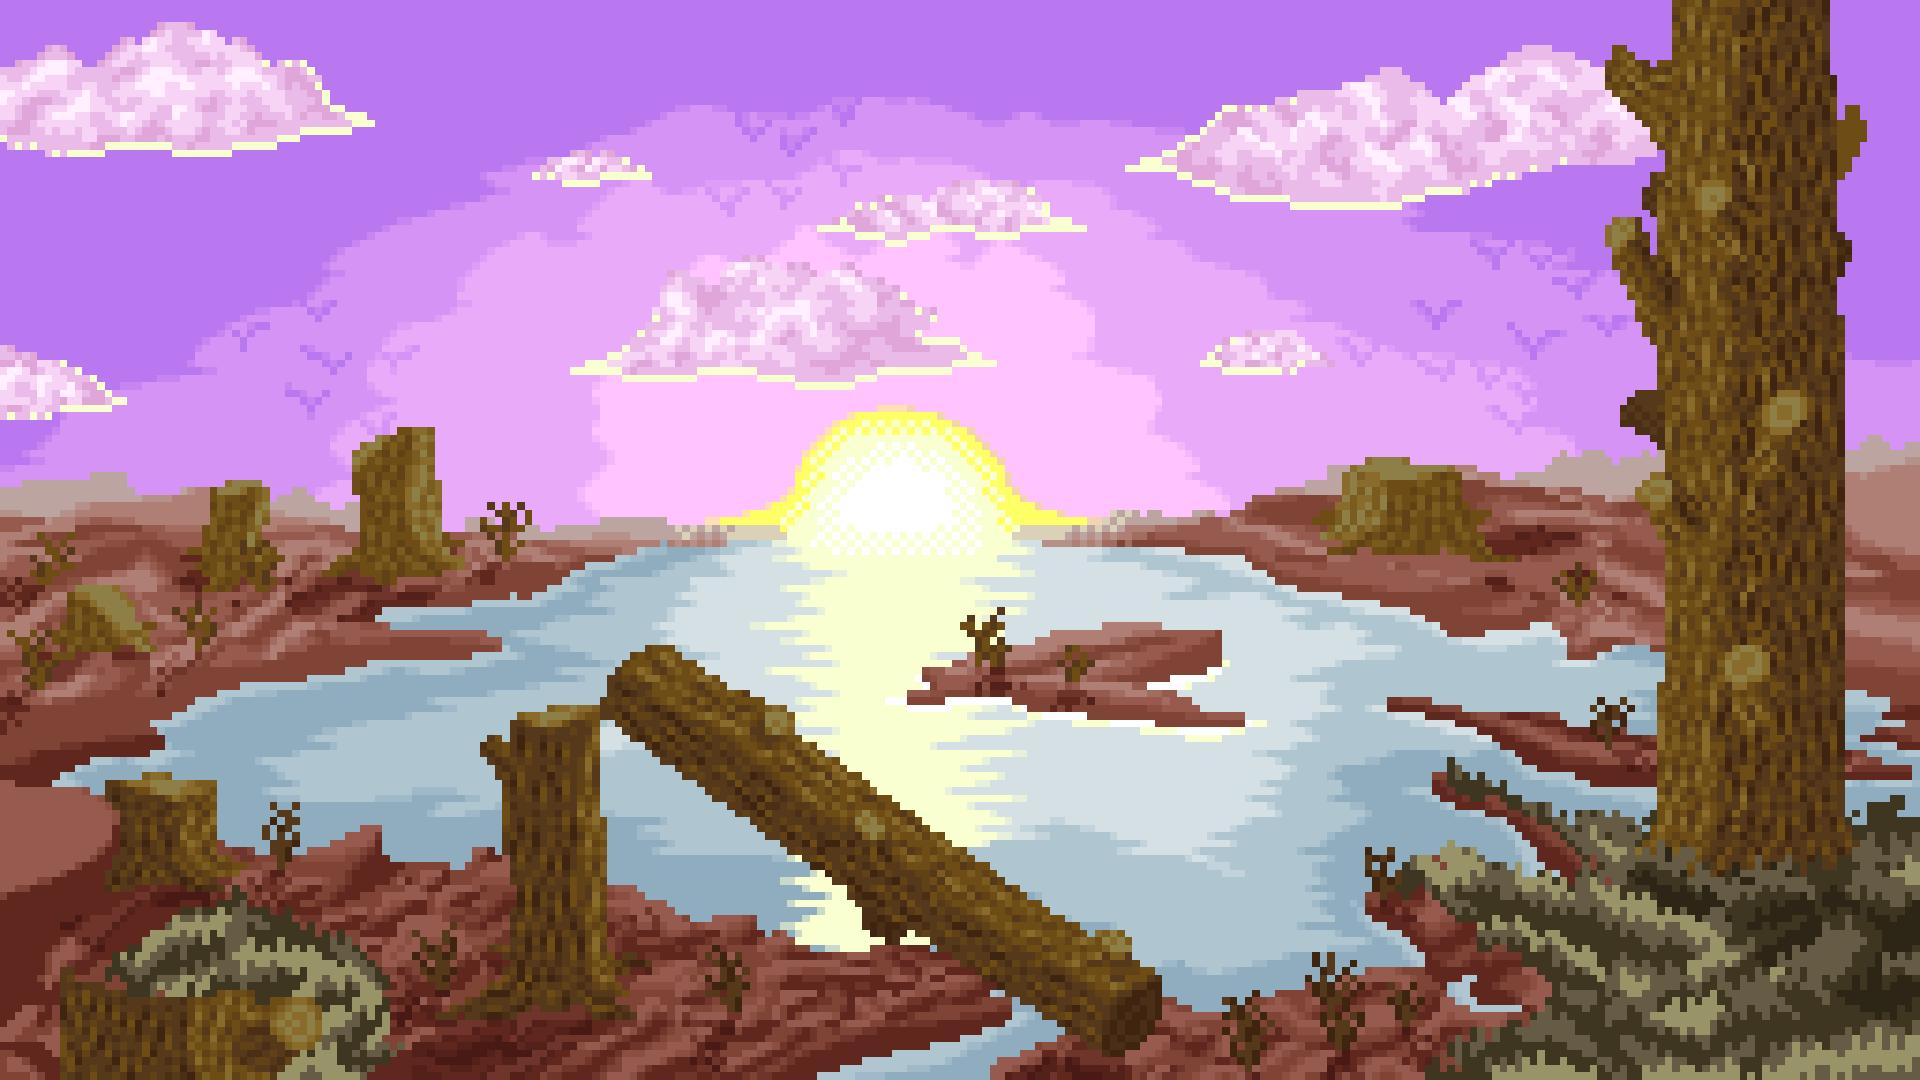 Sunset View Pixel Art Wallpaper